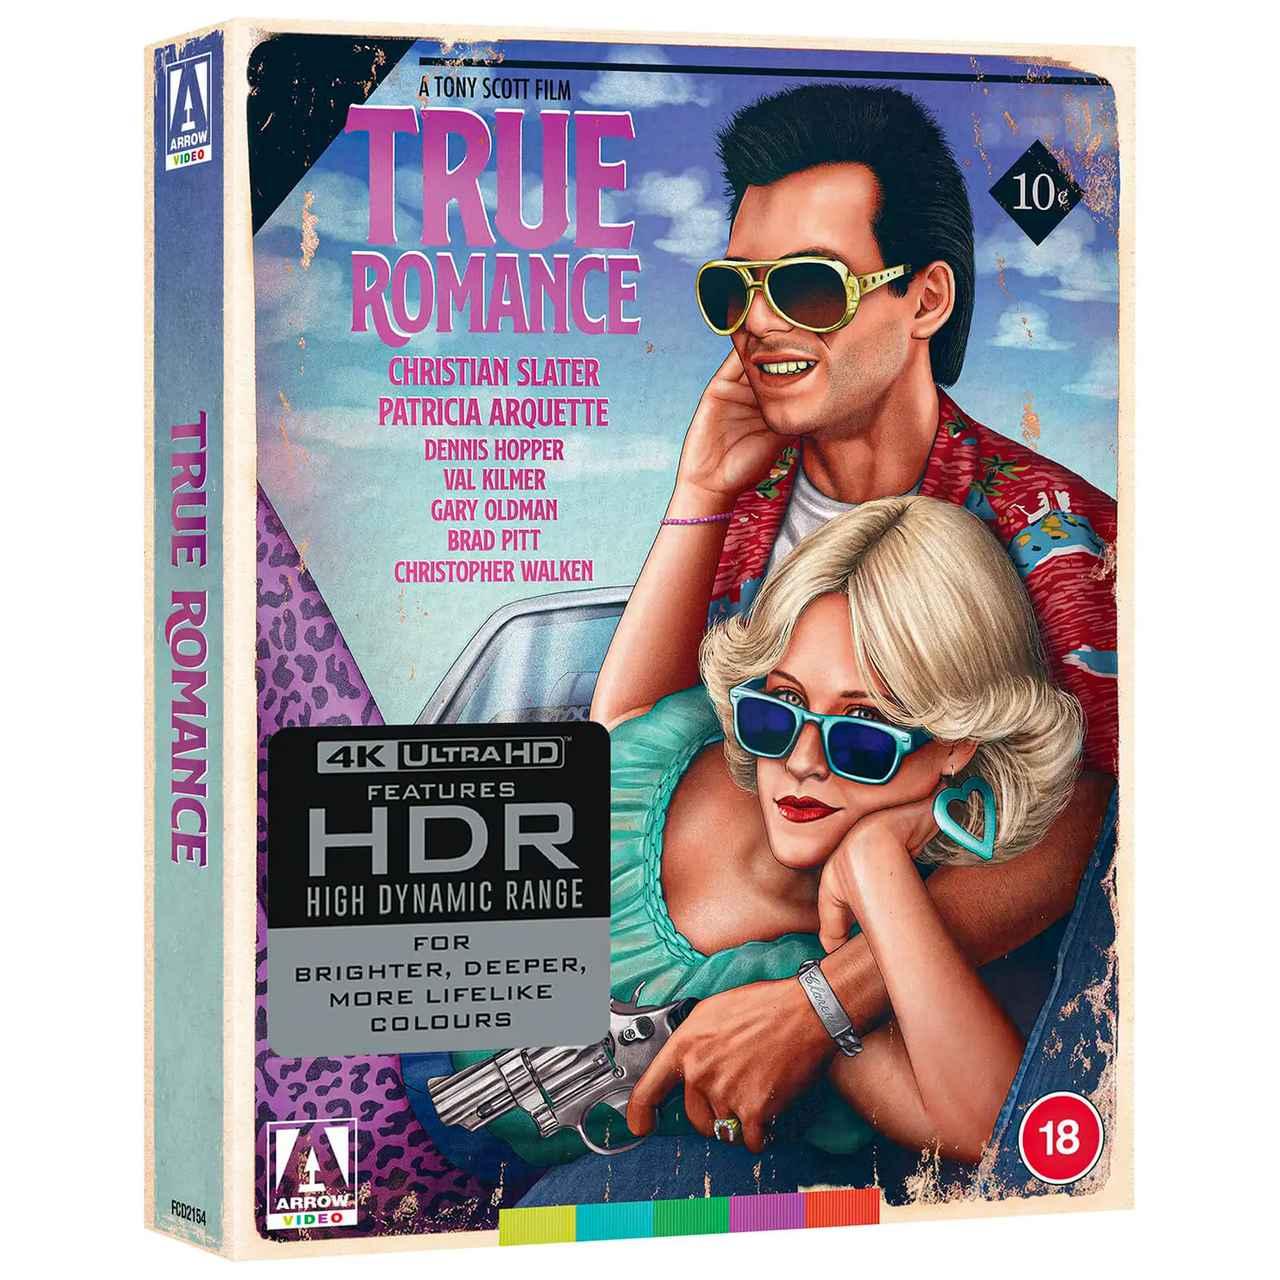 画像1: TRUE ROMANCE - 4K UHD BLU-RAY with DOLBY VISION/4K DIGITAL RESTORATION